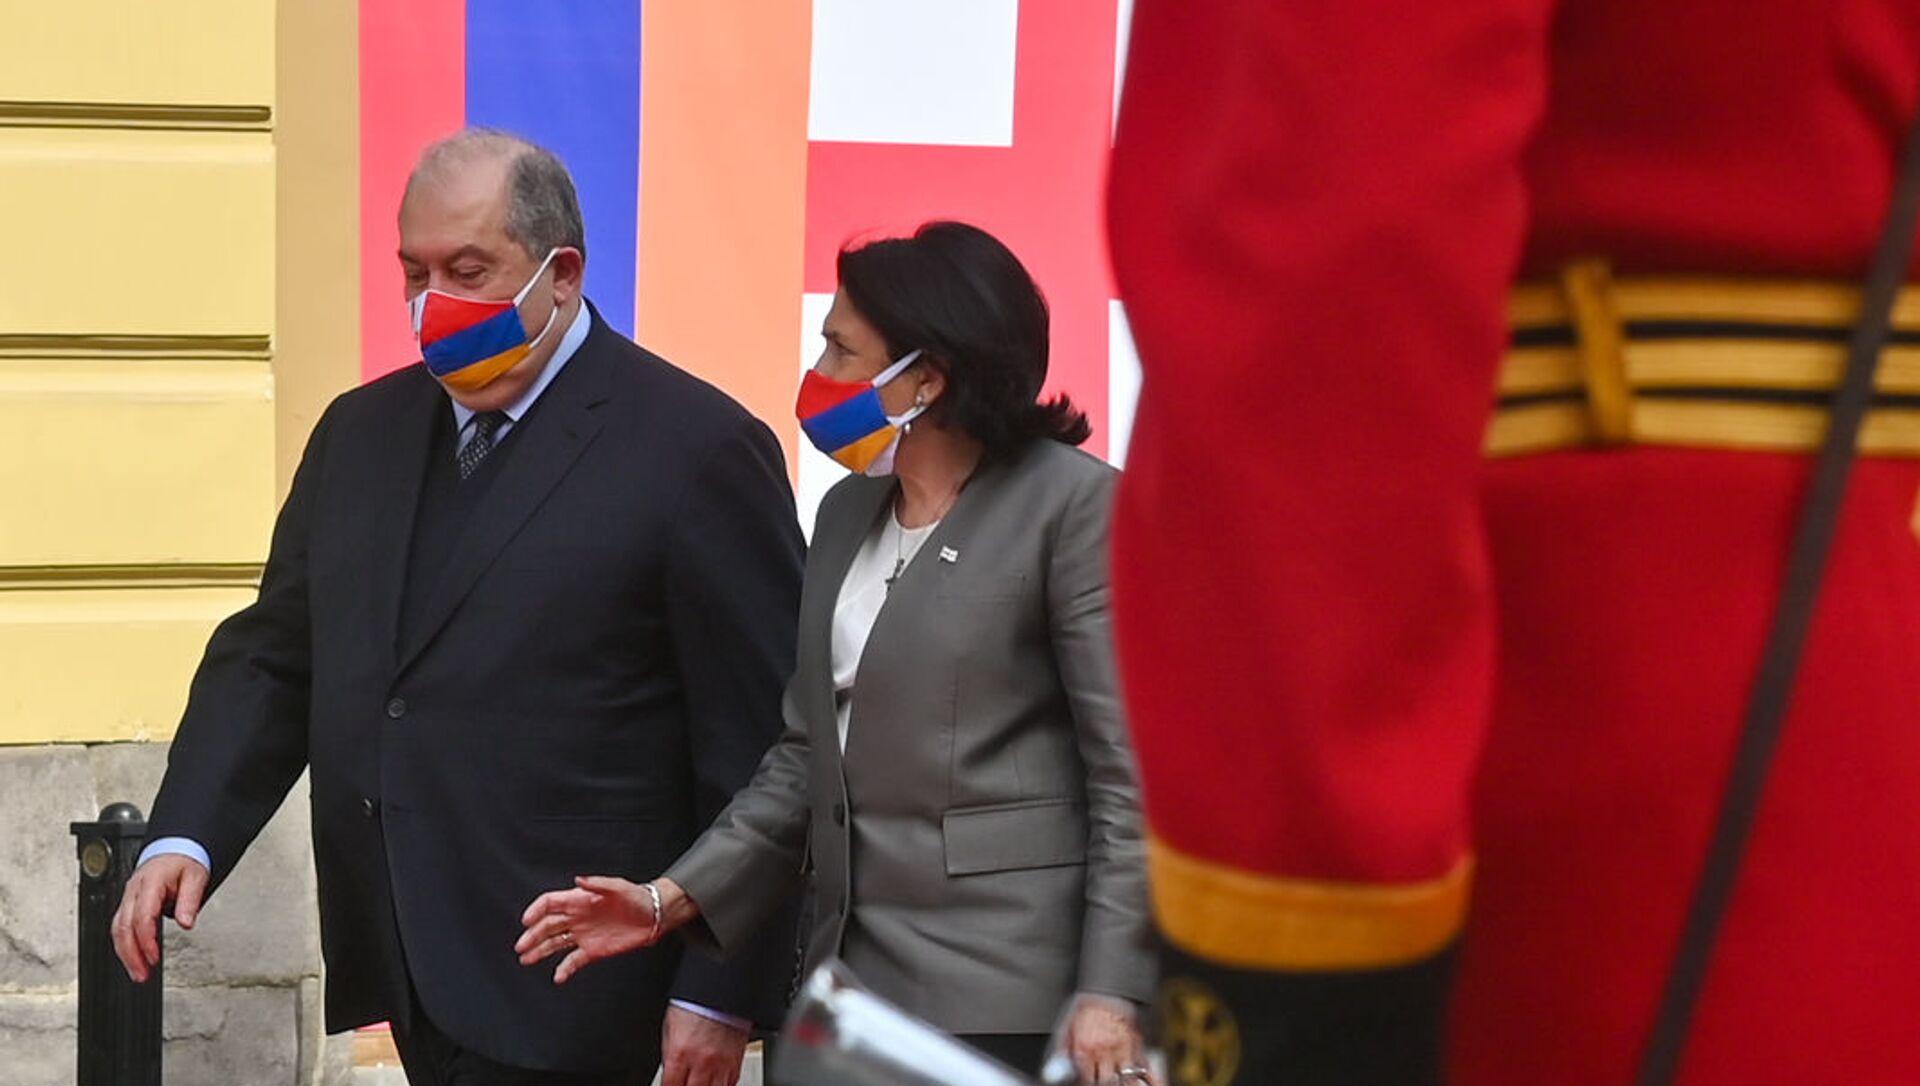 Церемония встречи президента Армении Армена Саркисяна с грузинской коллегой Саломе Зурабишвили во дворце Орбелиани (15 апреля 2021). Тбилиси - Sputnik Արմենիա, 1920, 15.04.2021